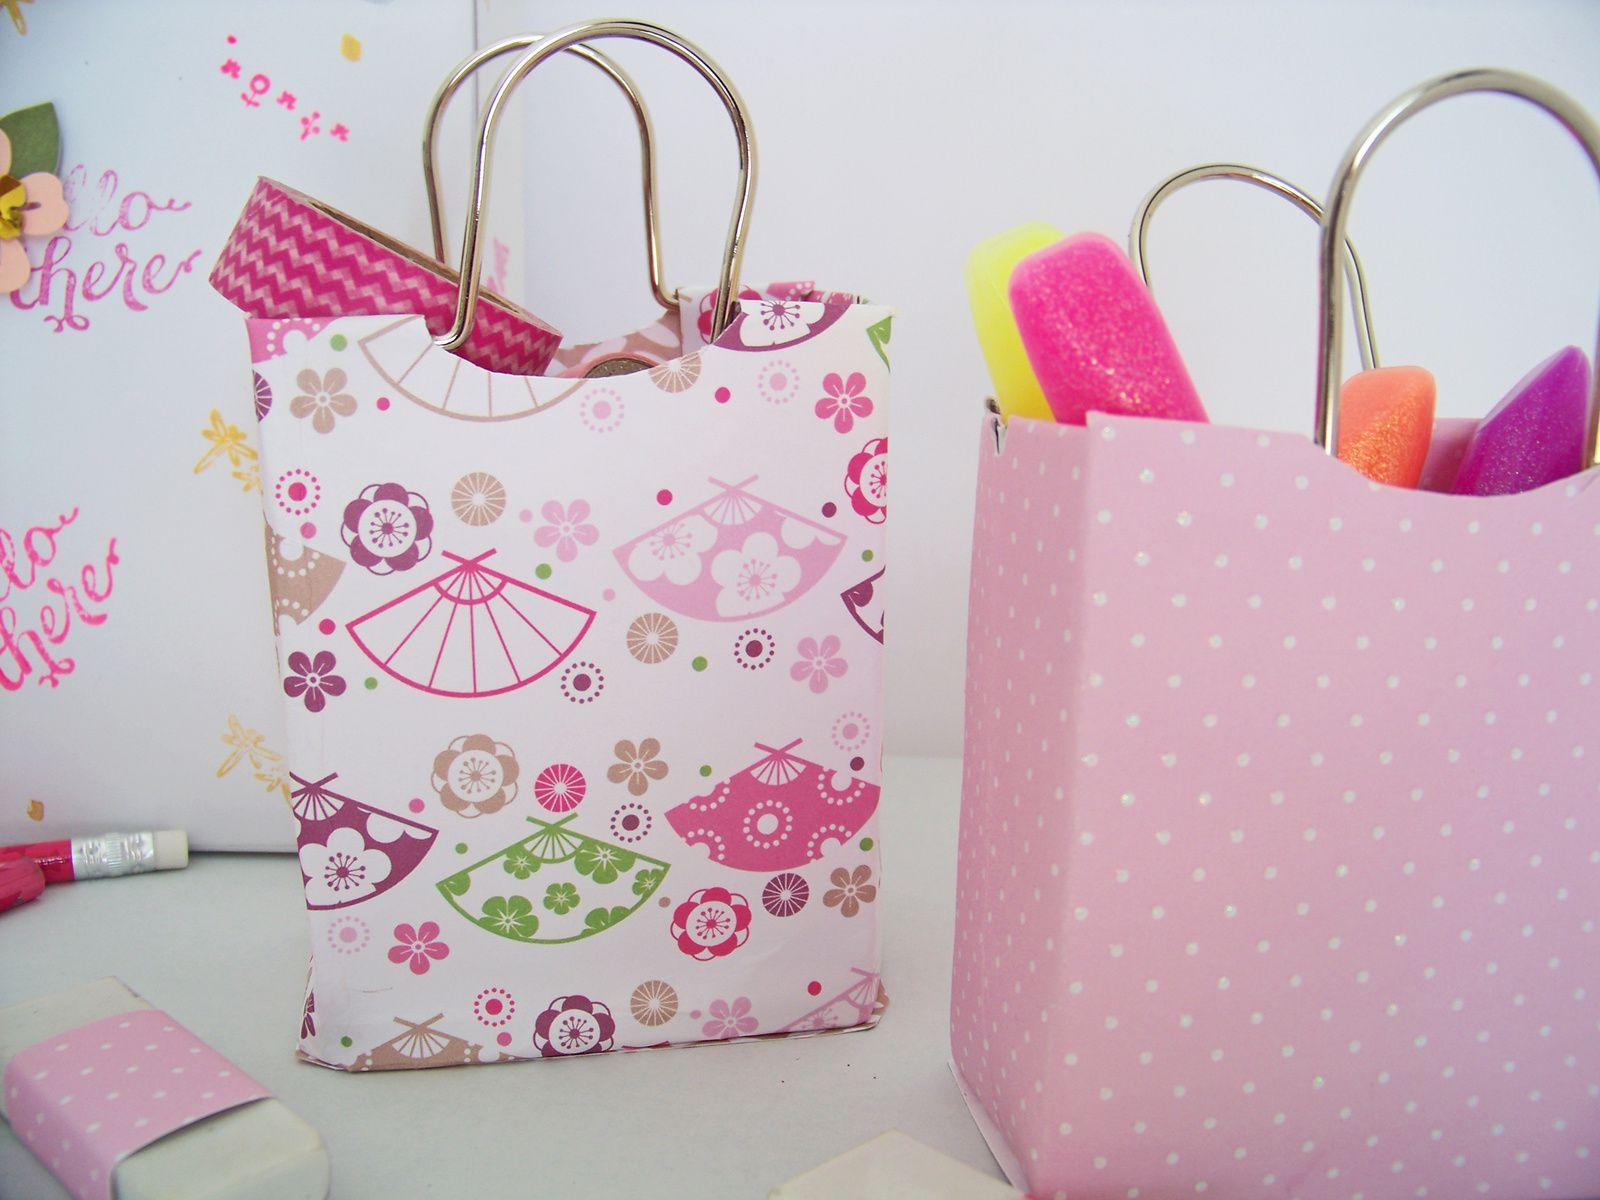 Des petits sacs à poignées rigides pour organiser ,trier ,ranger ....